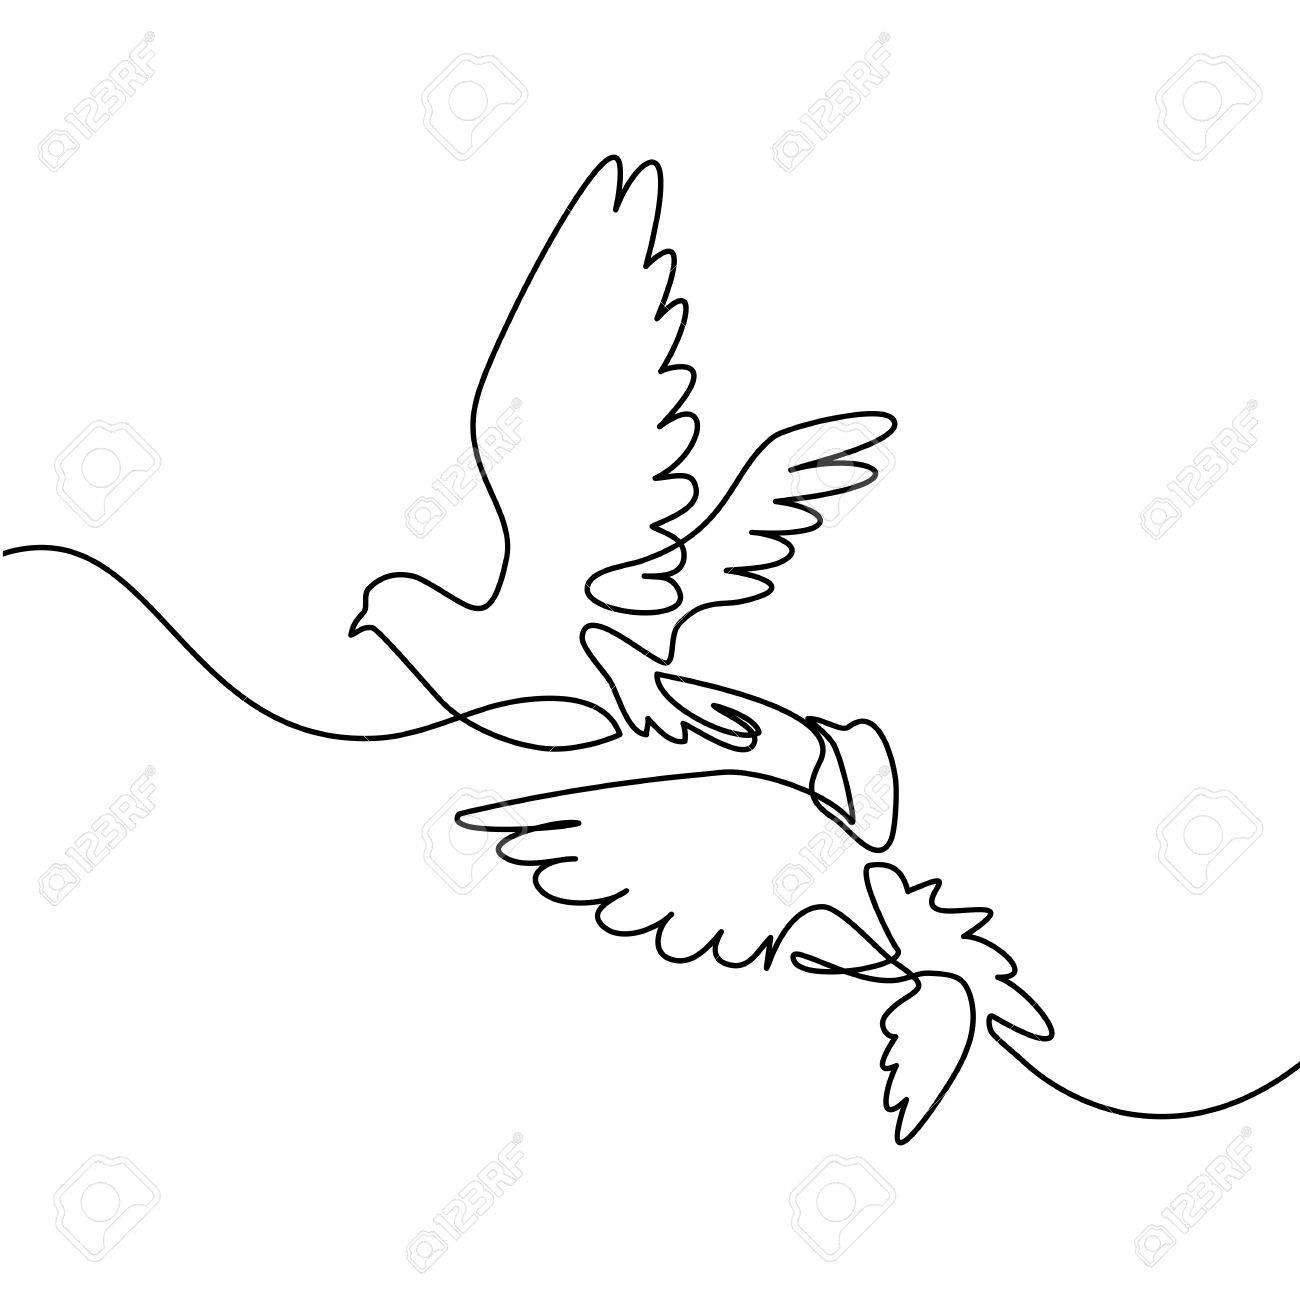 Dibujo De Una Línea Continua Volando Dos Palomas Ilustración En